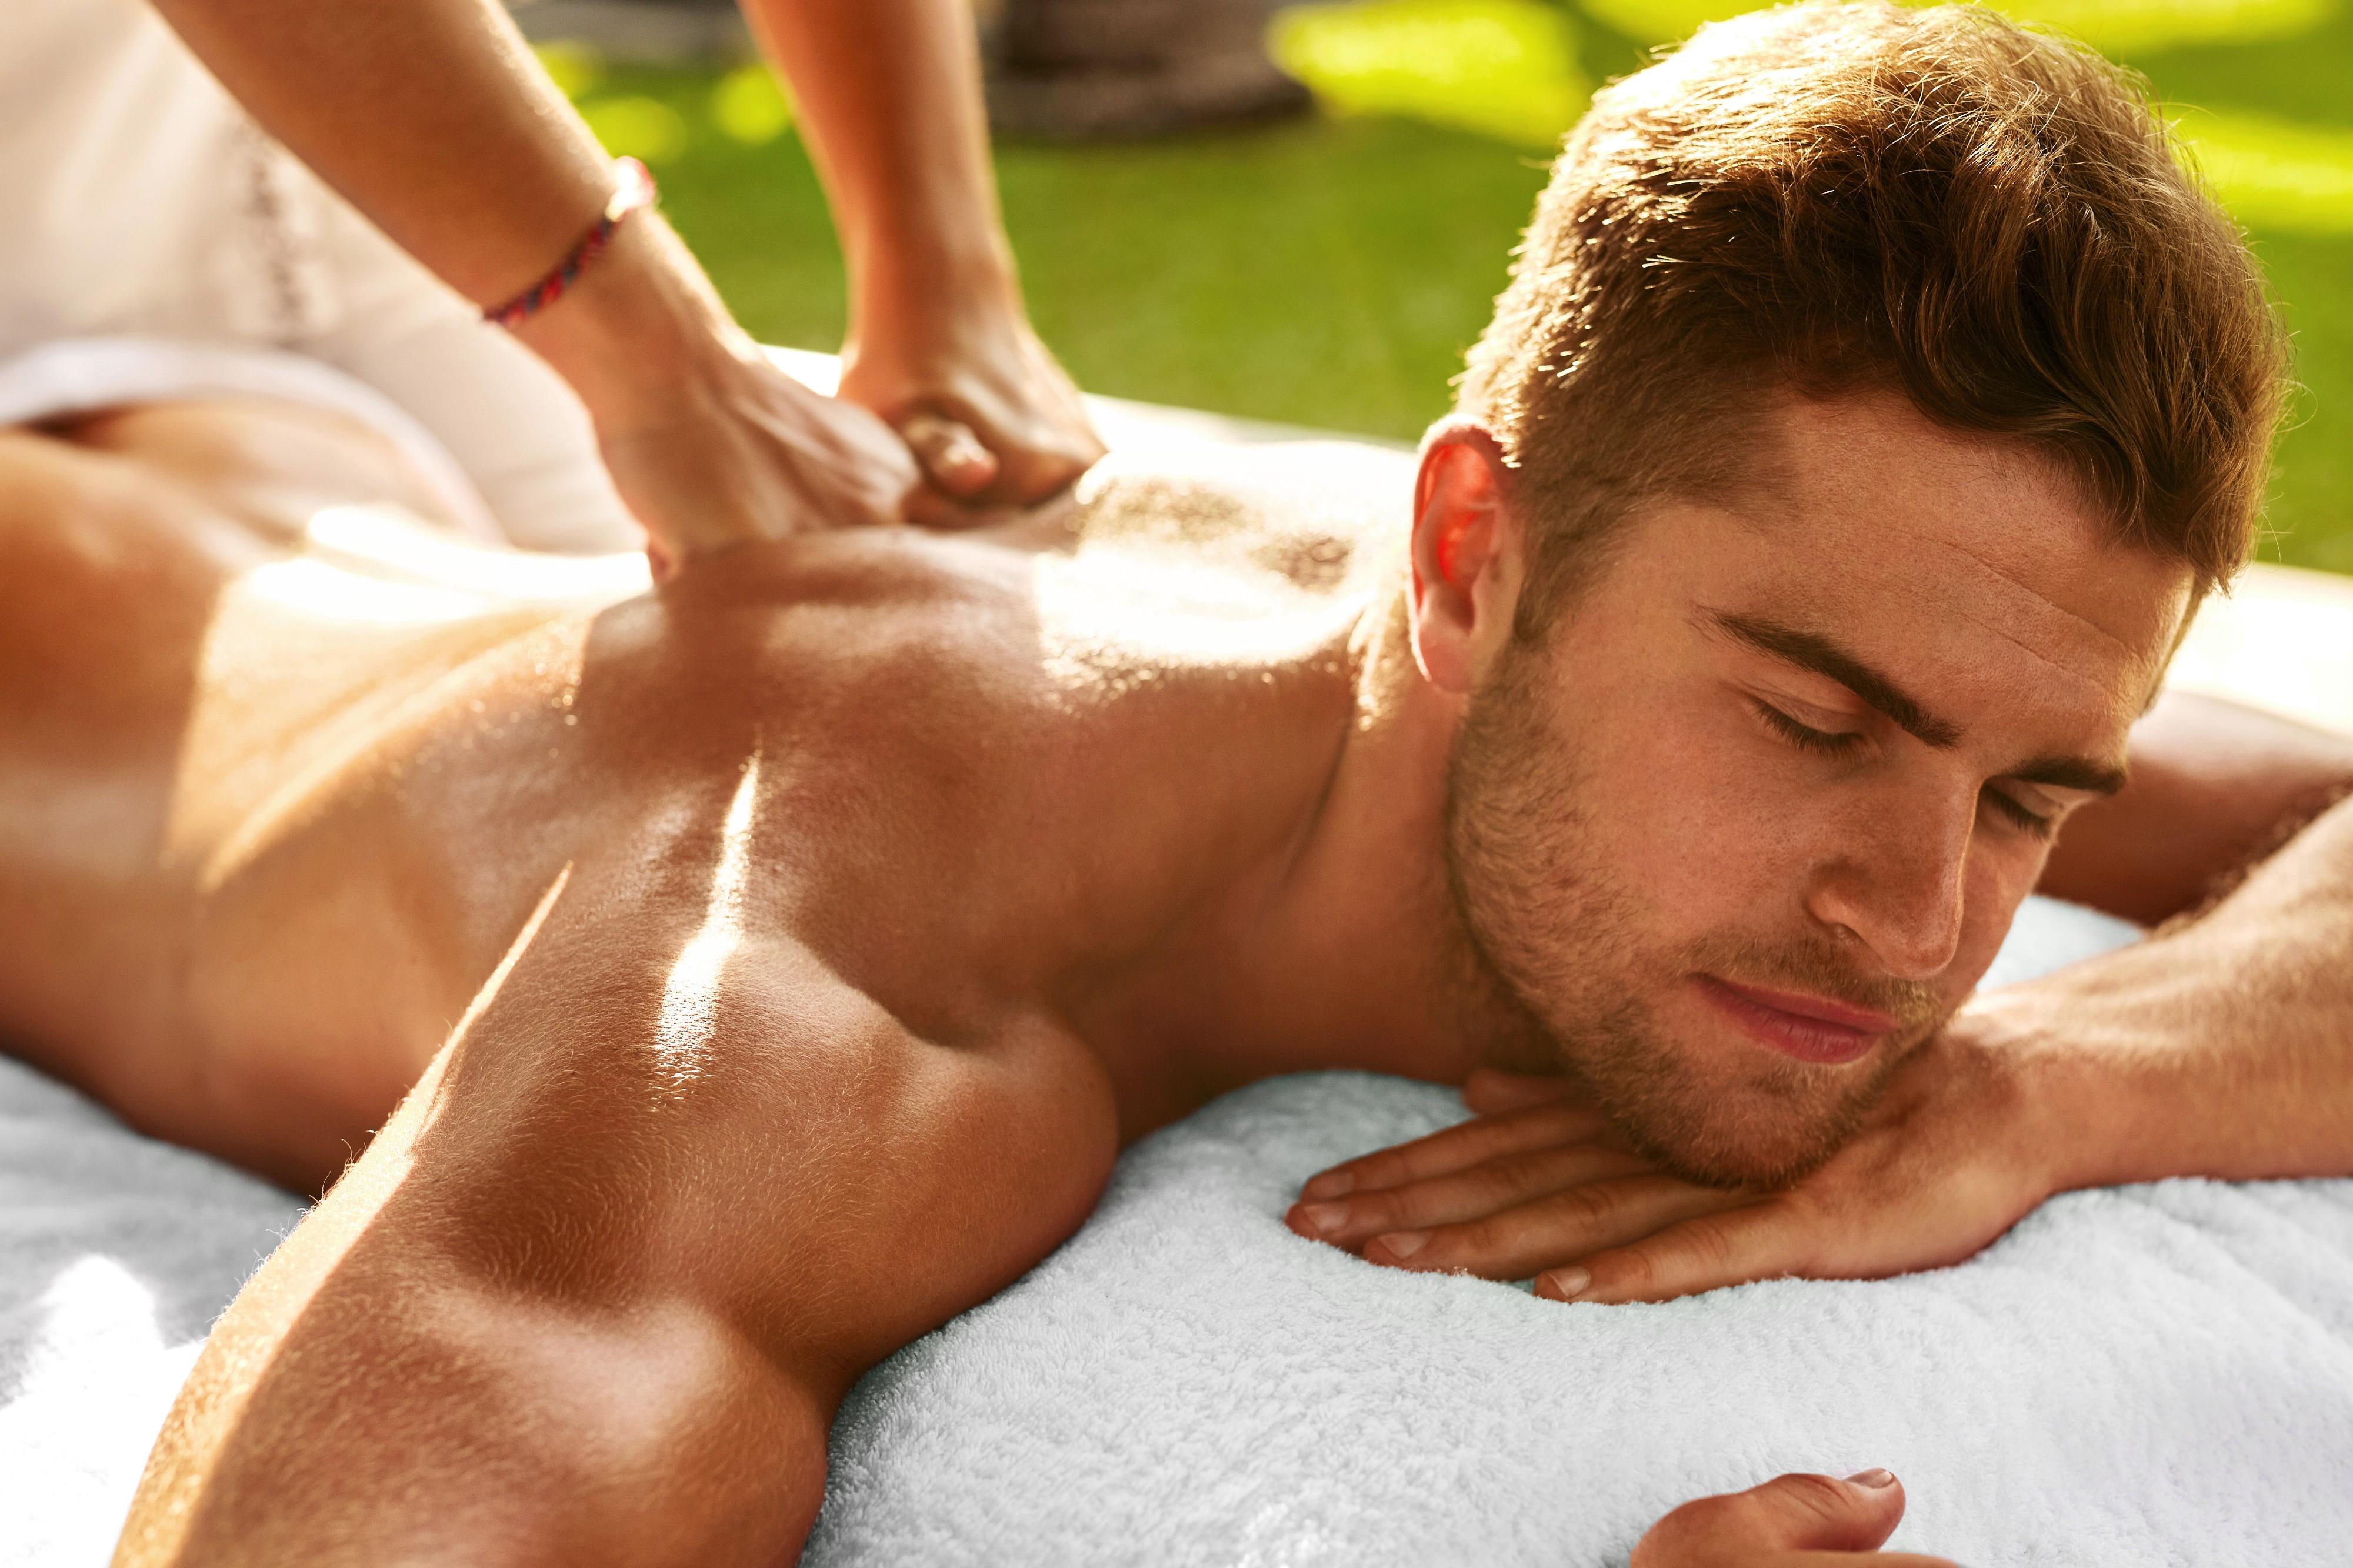 massoterapia masculina